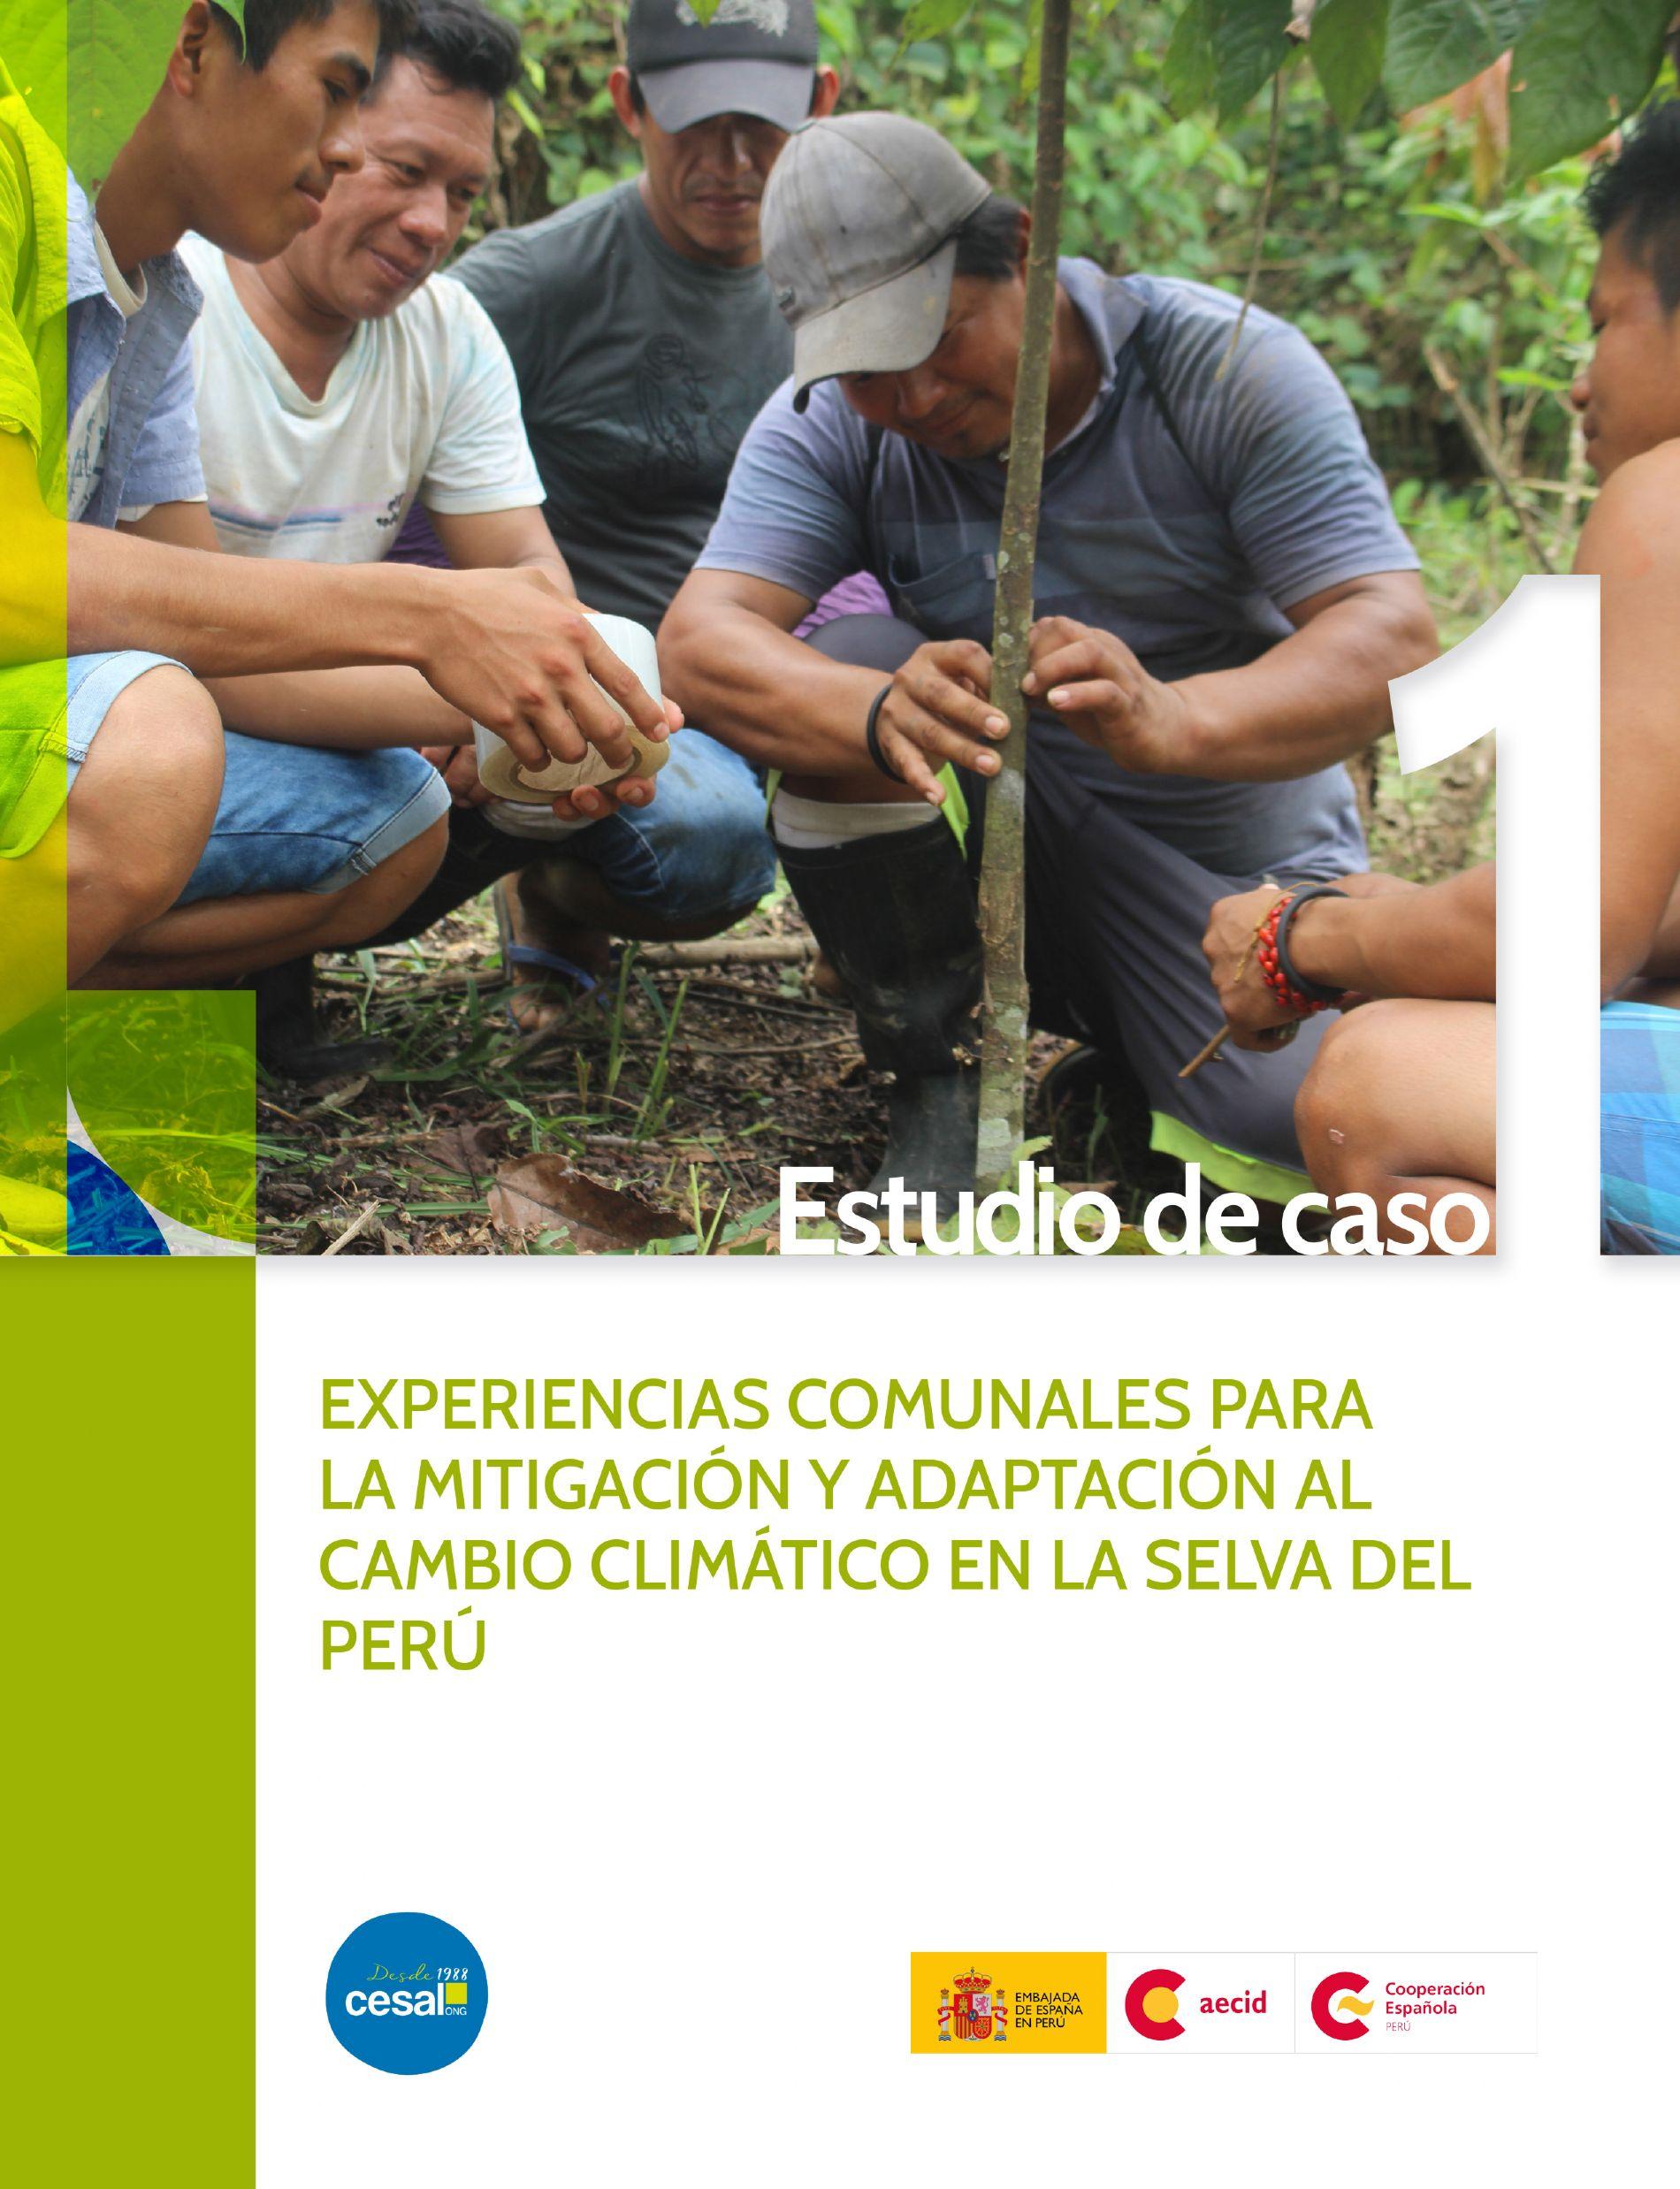 Experiencia Comunales para la mitigación y adaptación al cambio climático en la selva de Perú